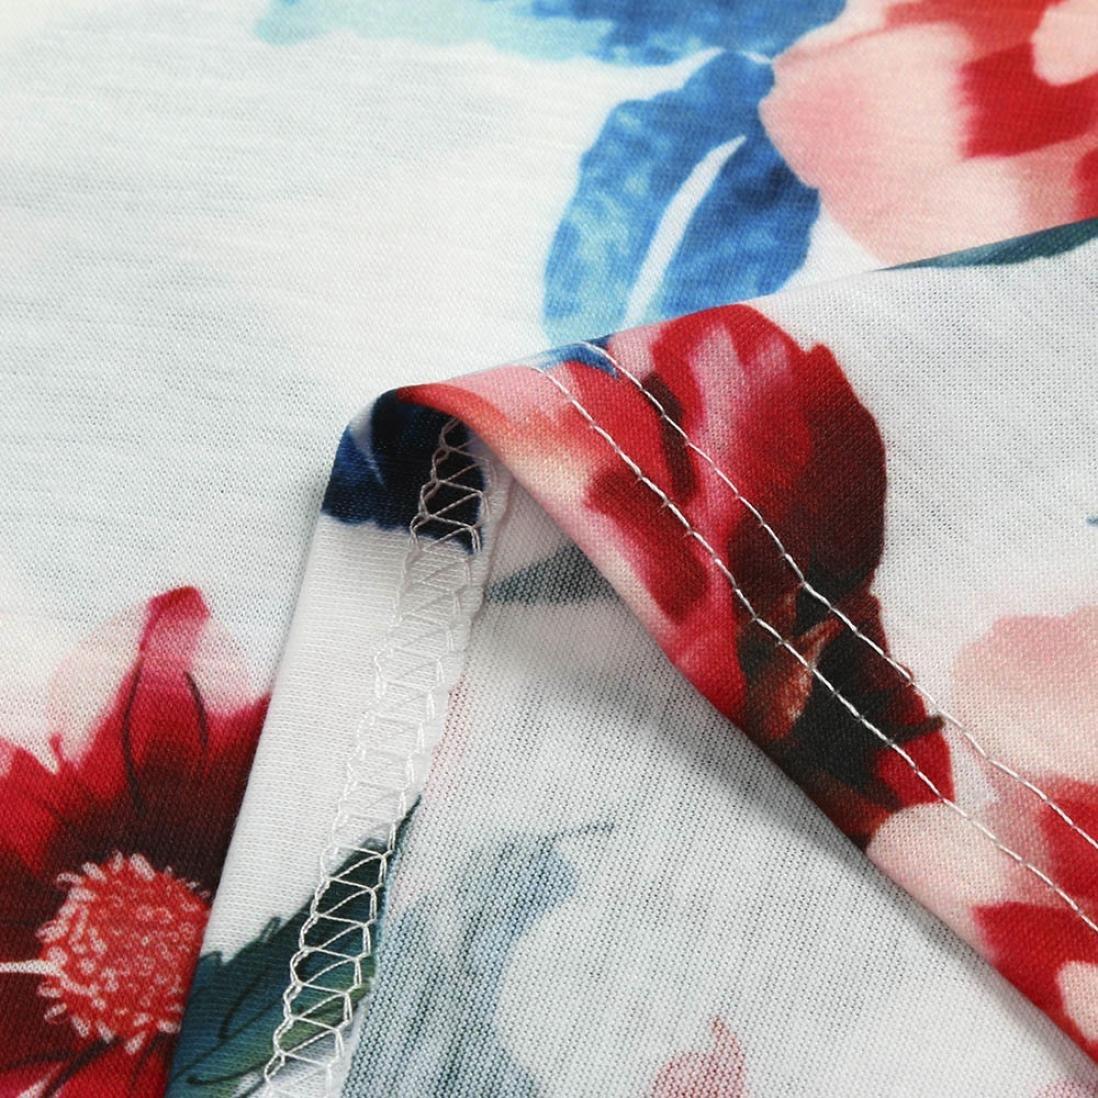 ... Sonnena ❤ ❤ ❤ Niñas Bohemian Retro Flores Estampado Vestido Manga Corto Largo Vestido de una Pieza de Deportes al Aire Libre para Chica Joven ...